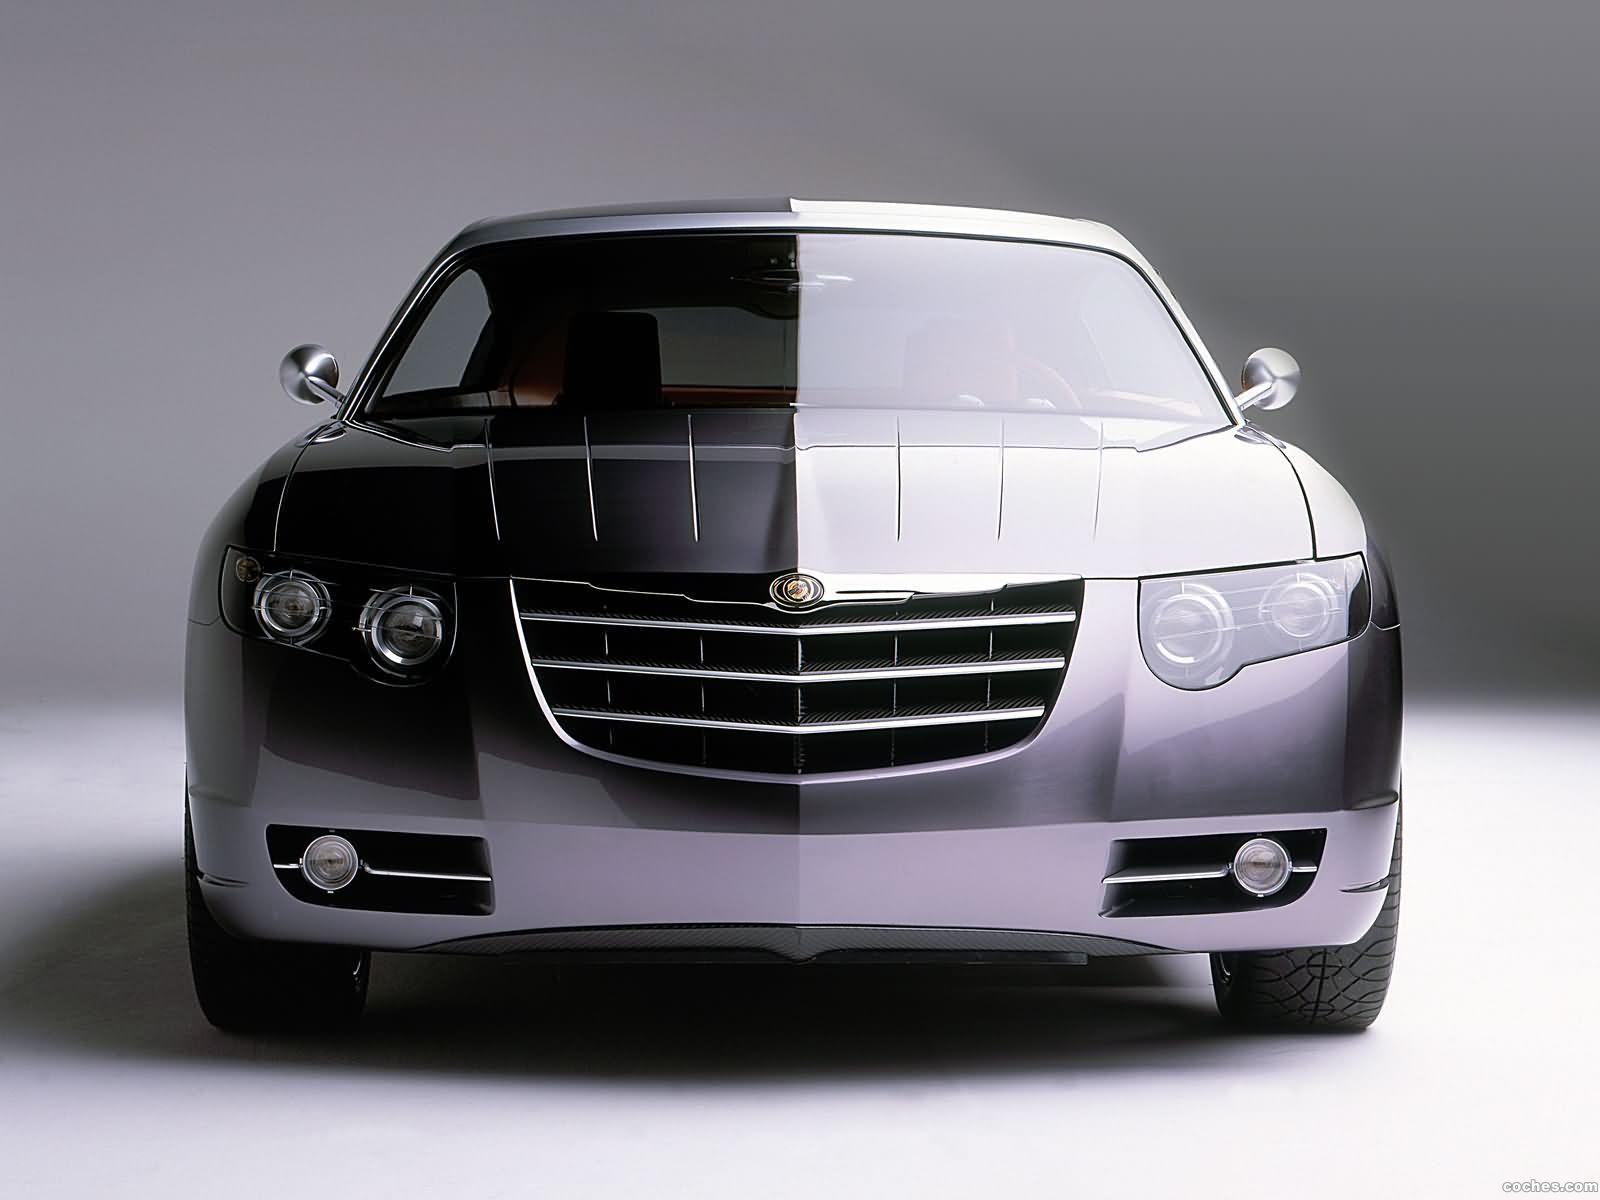 Foto 0 de Chrysler Airflite Concept 2003